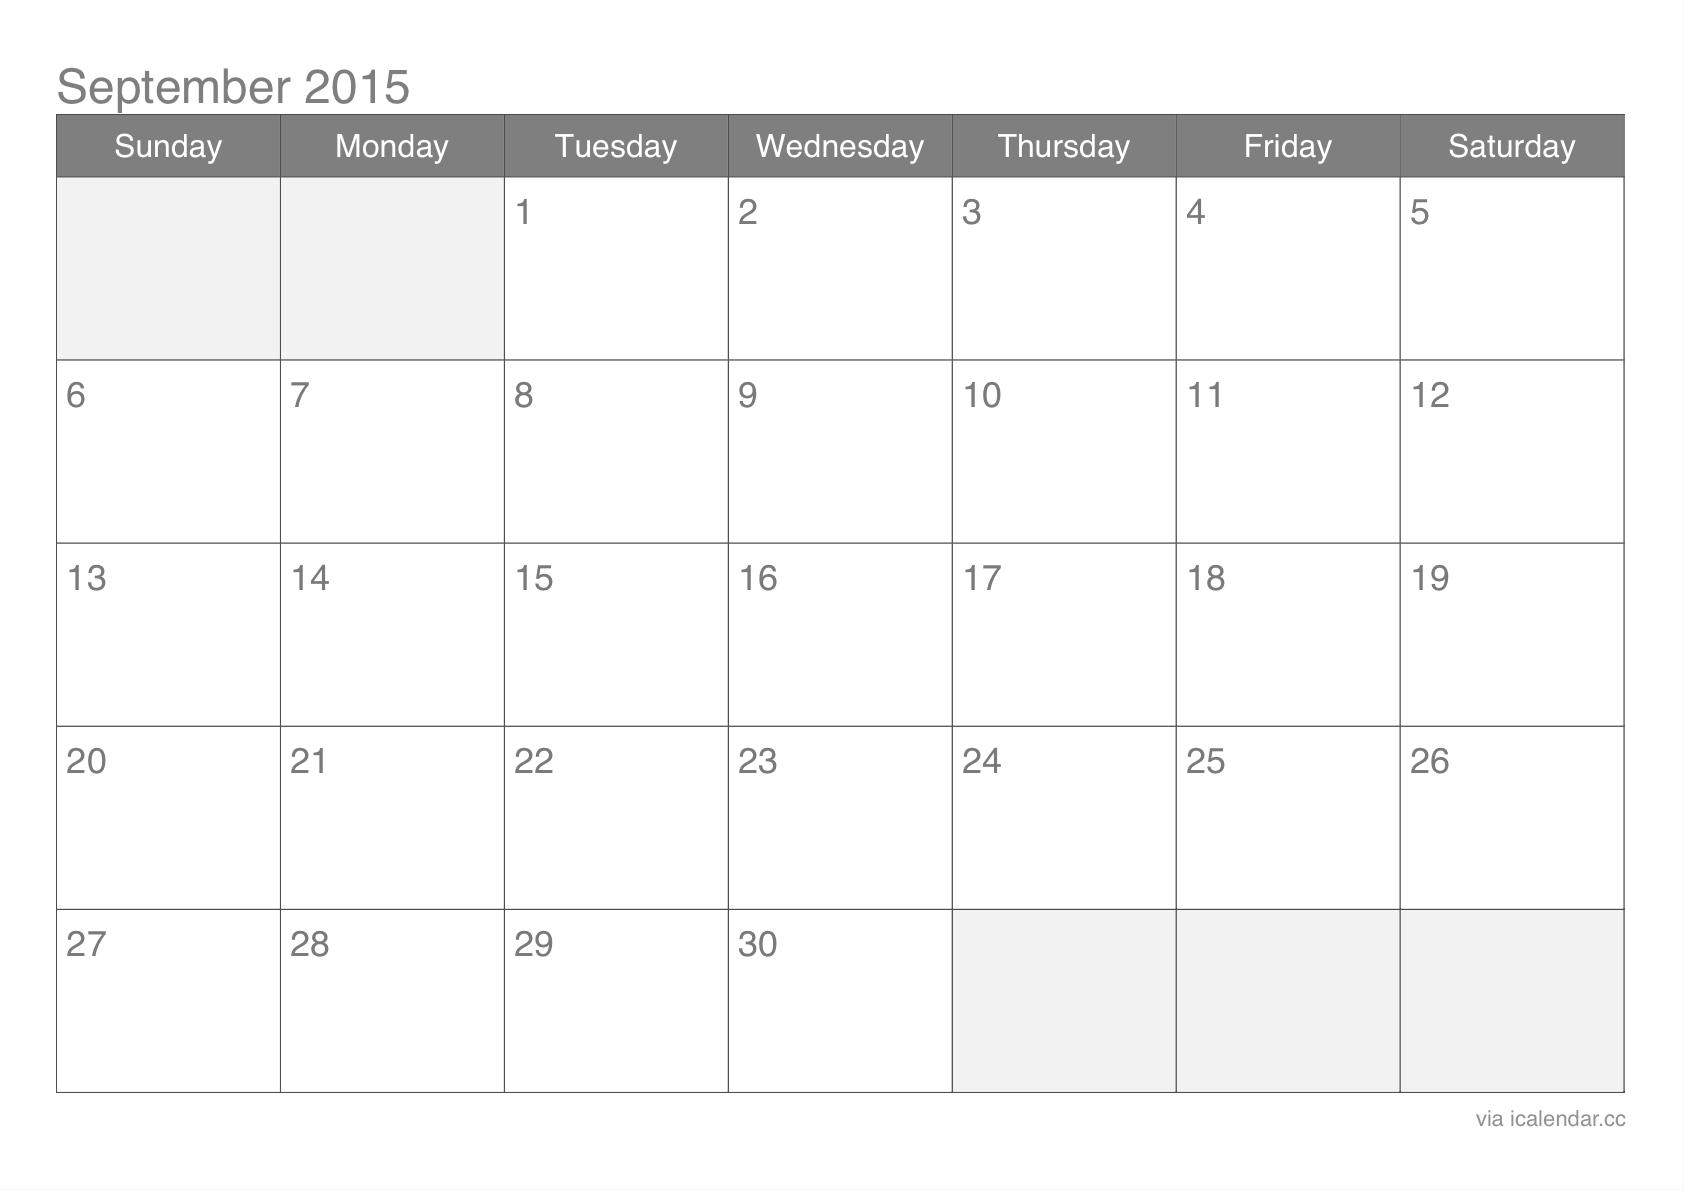 September 2015 Calendar 2015 September Calendar - Calendar PNG September 2015